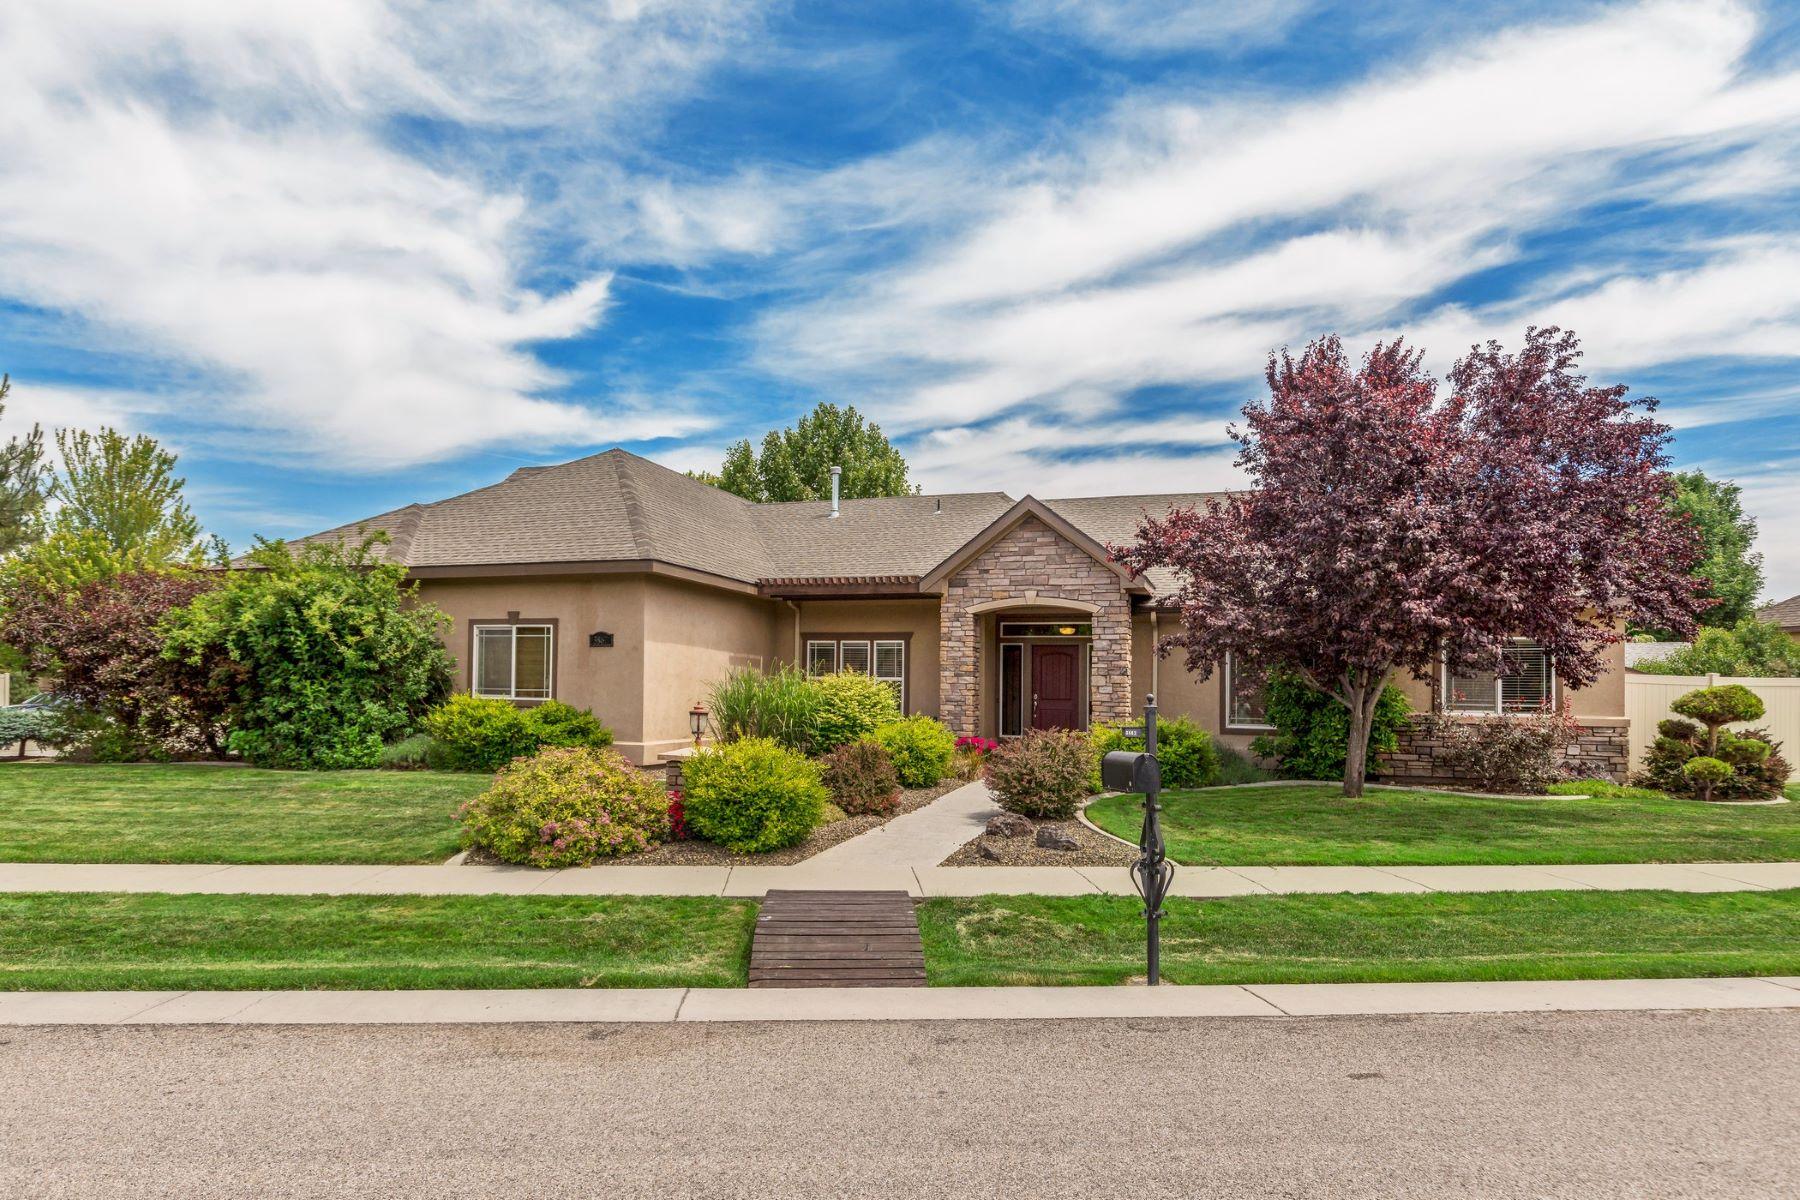 Single Family Homes pour l Vente à 3862 Firenze Way, Meridian 3862 S Firenze Way Meridian, Idaho 83642 États-Unis